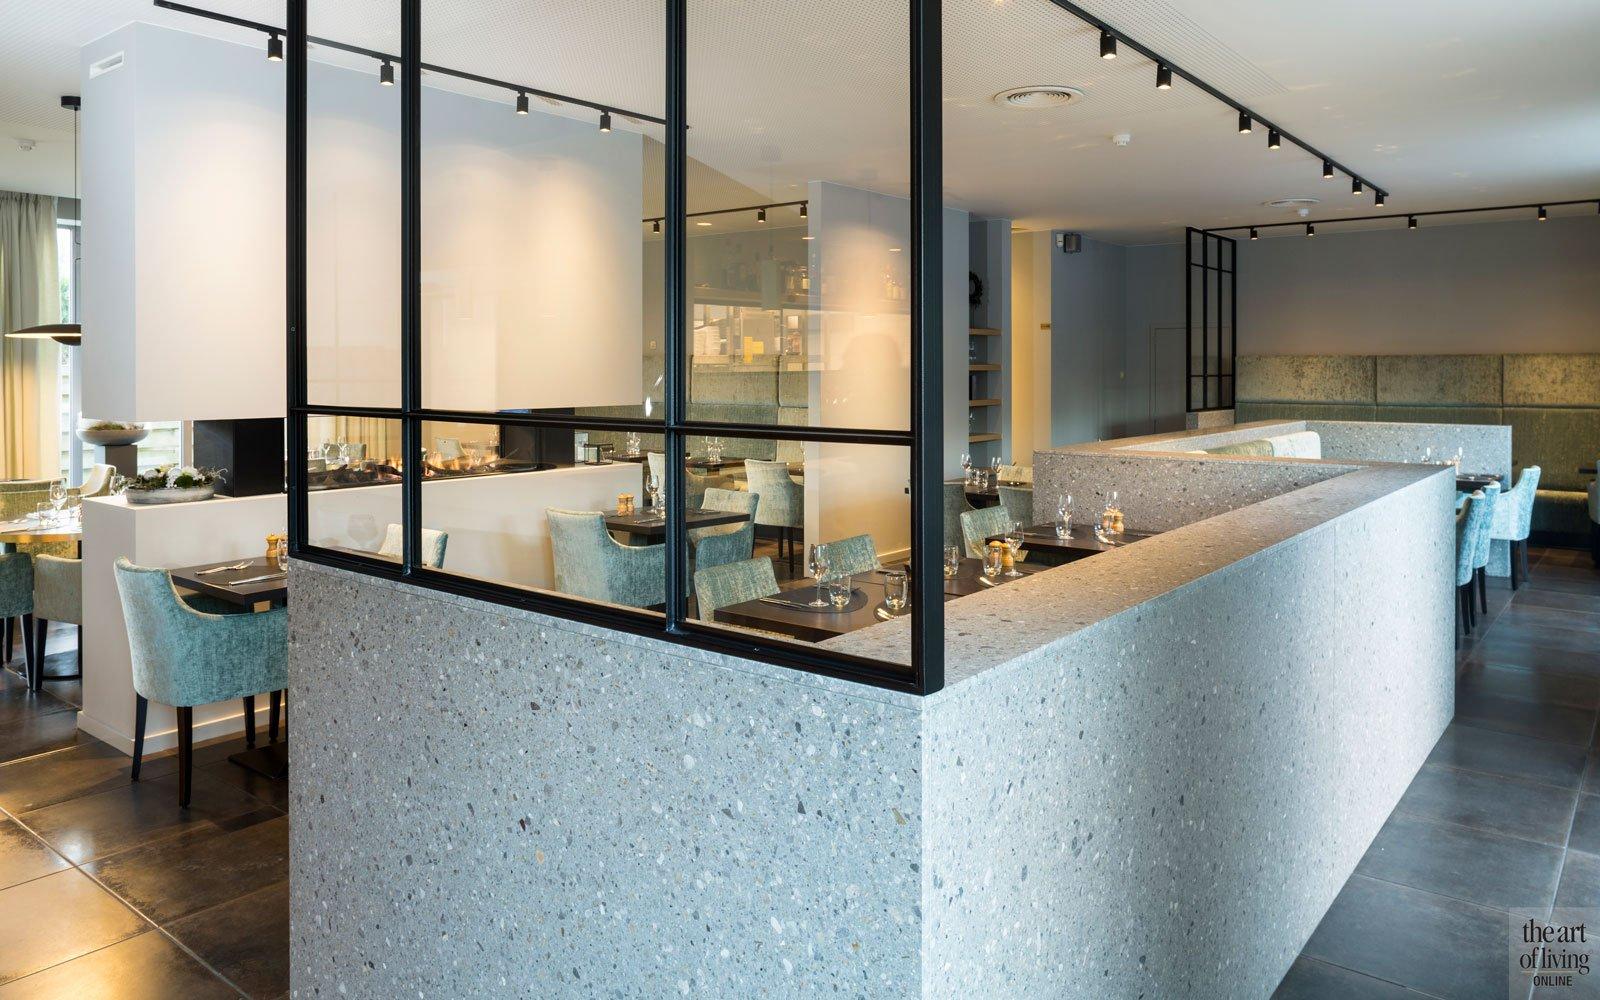 de stalen ramen en deuren, geleverd door Pieter Van Damme, geven het geheel charme, Restaurant Chaflo & Co, Bouw-iD